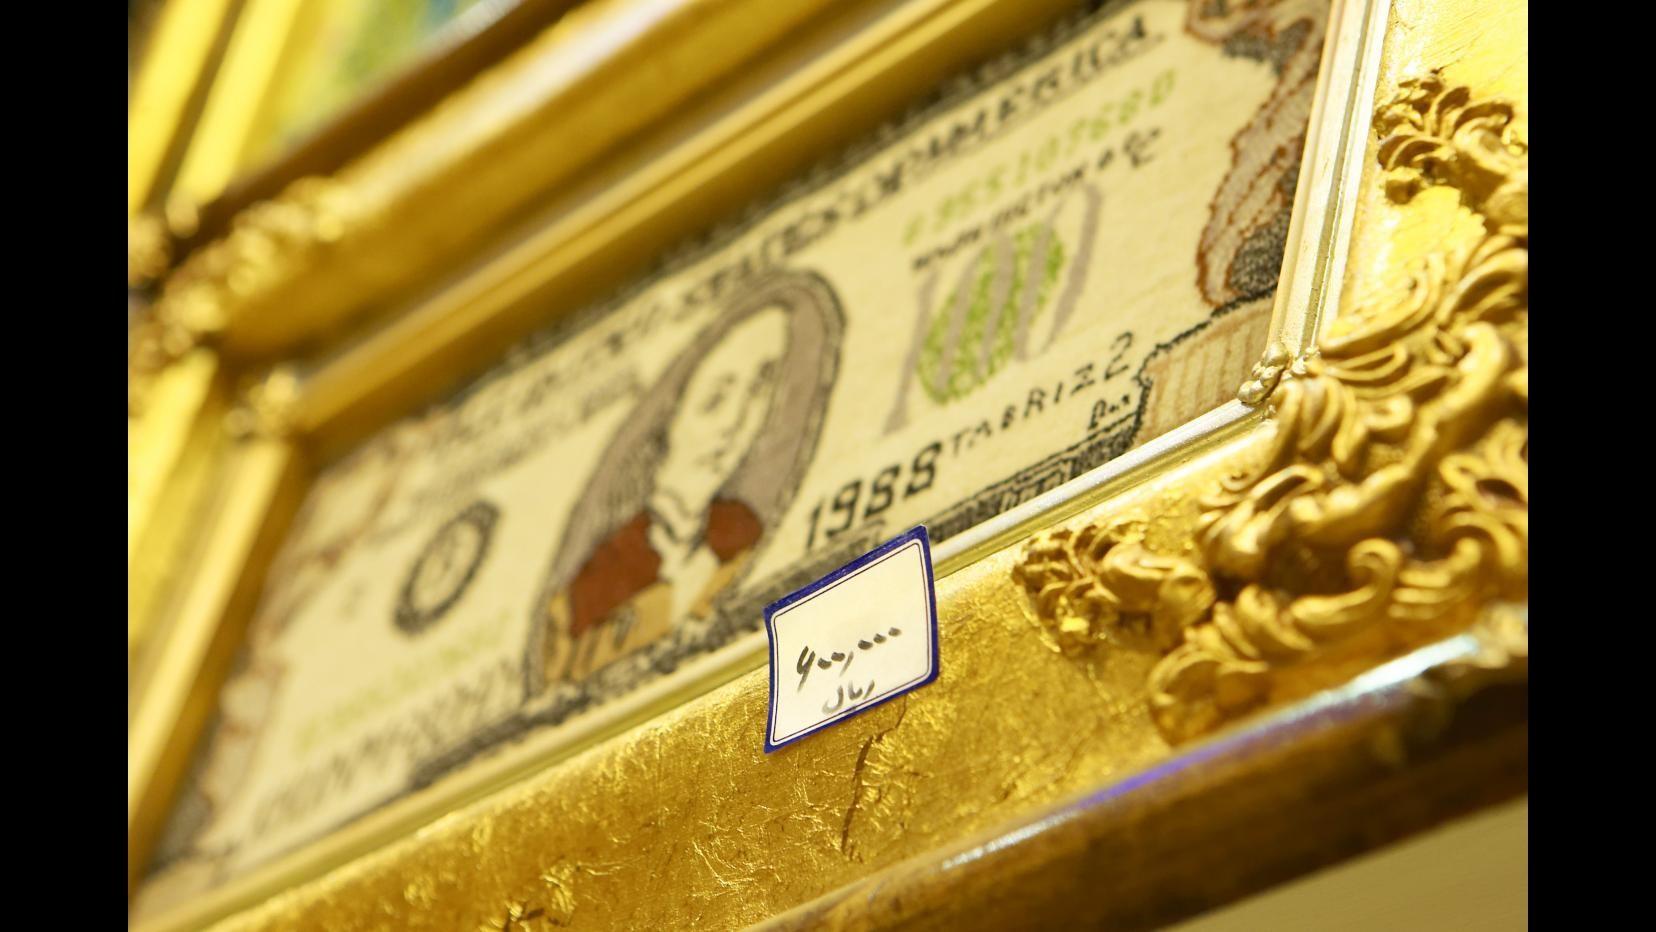 Stati Pacifico Tpp lavereranno anche a cooperazione su valute